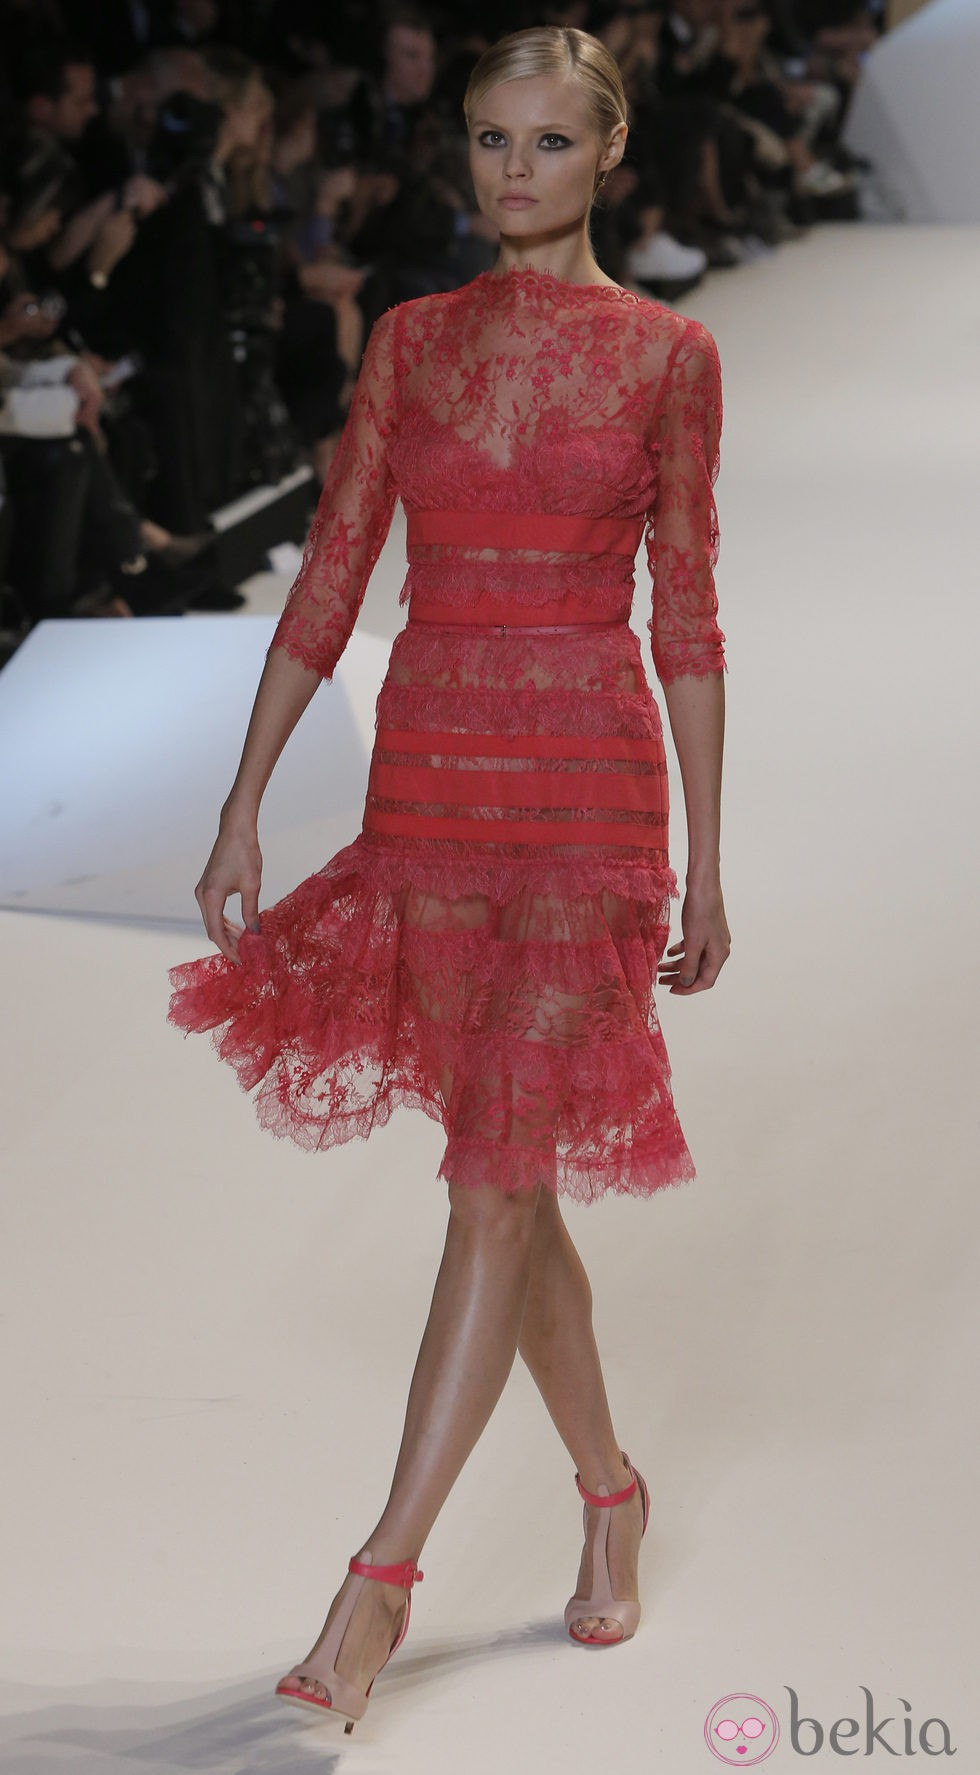 De Elie Saab En La Semana De La Moda De Par S Primavera Verano 2013